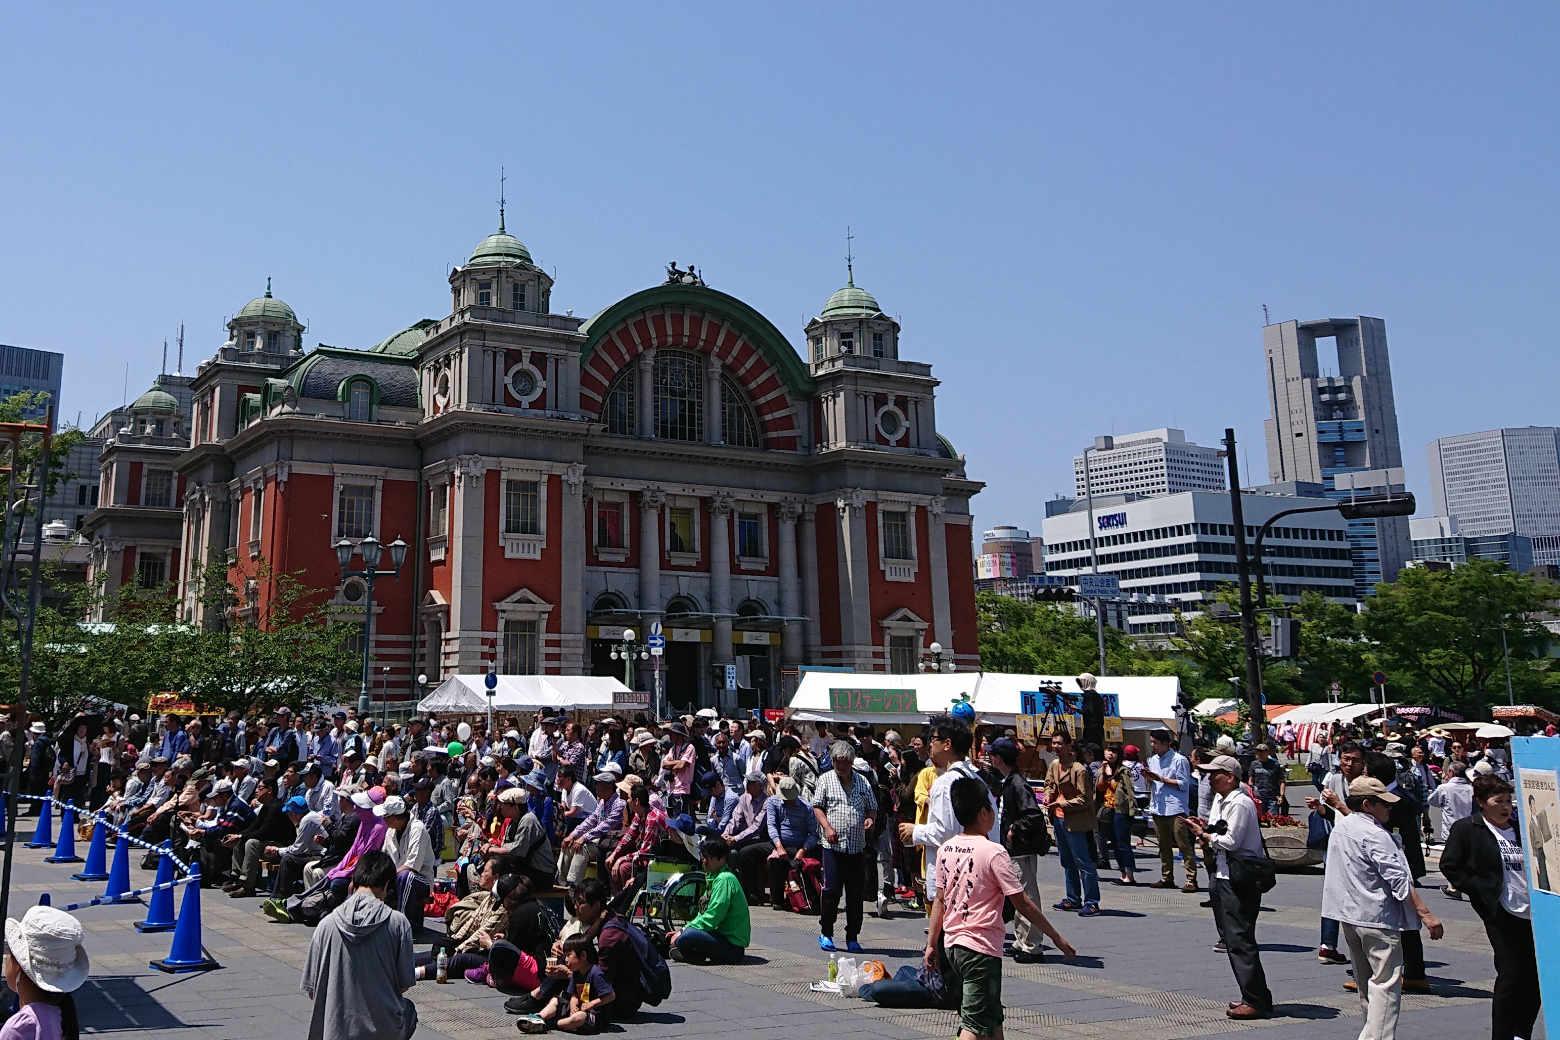 中之島まつりのなにわ橋駅出入口から見える大阪市中央公会堂